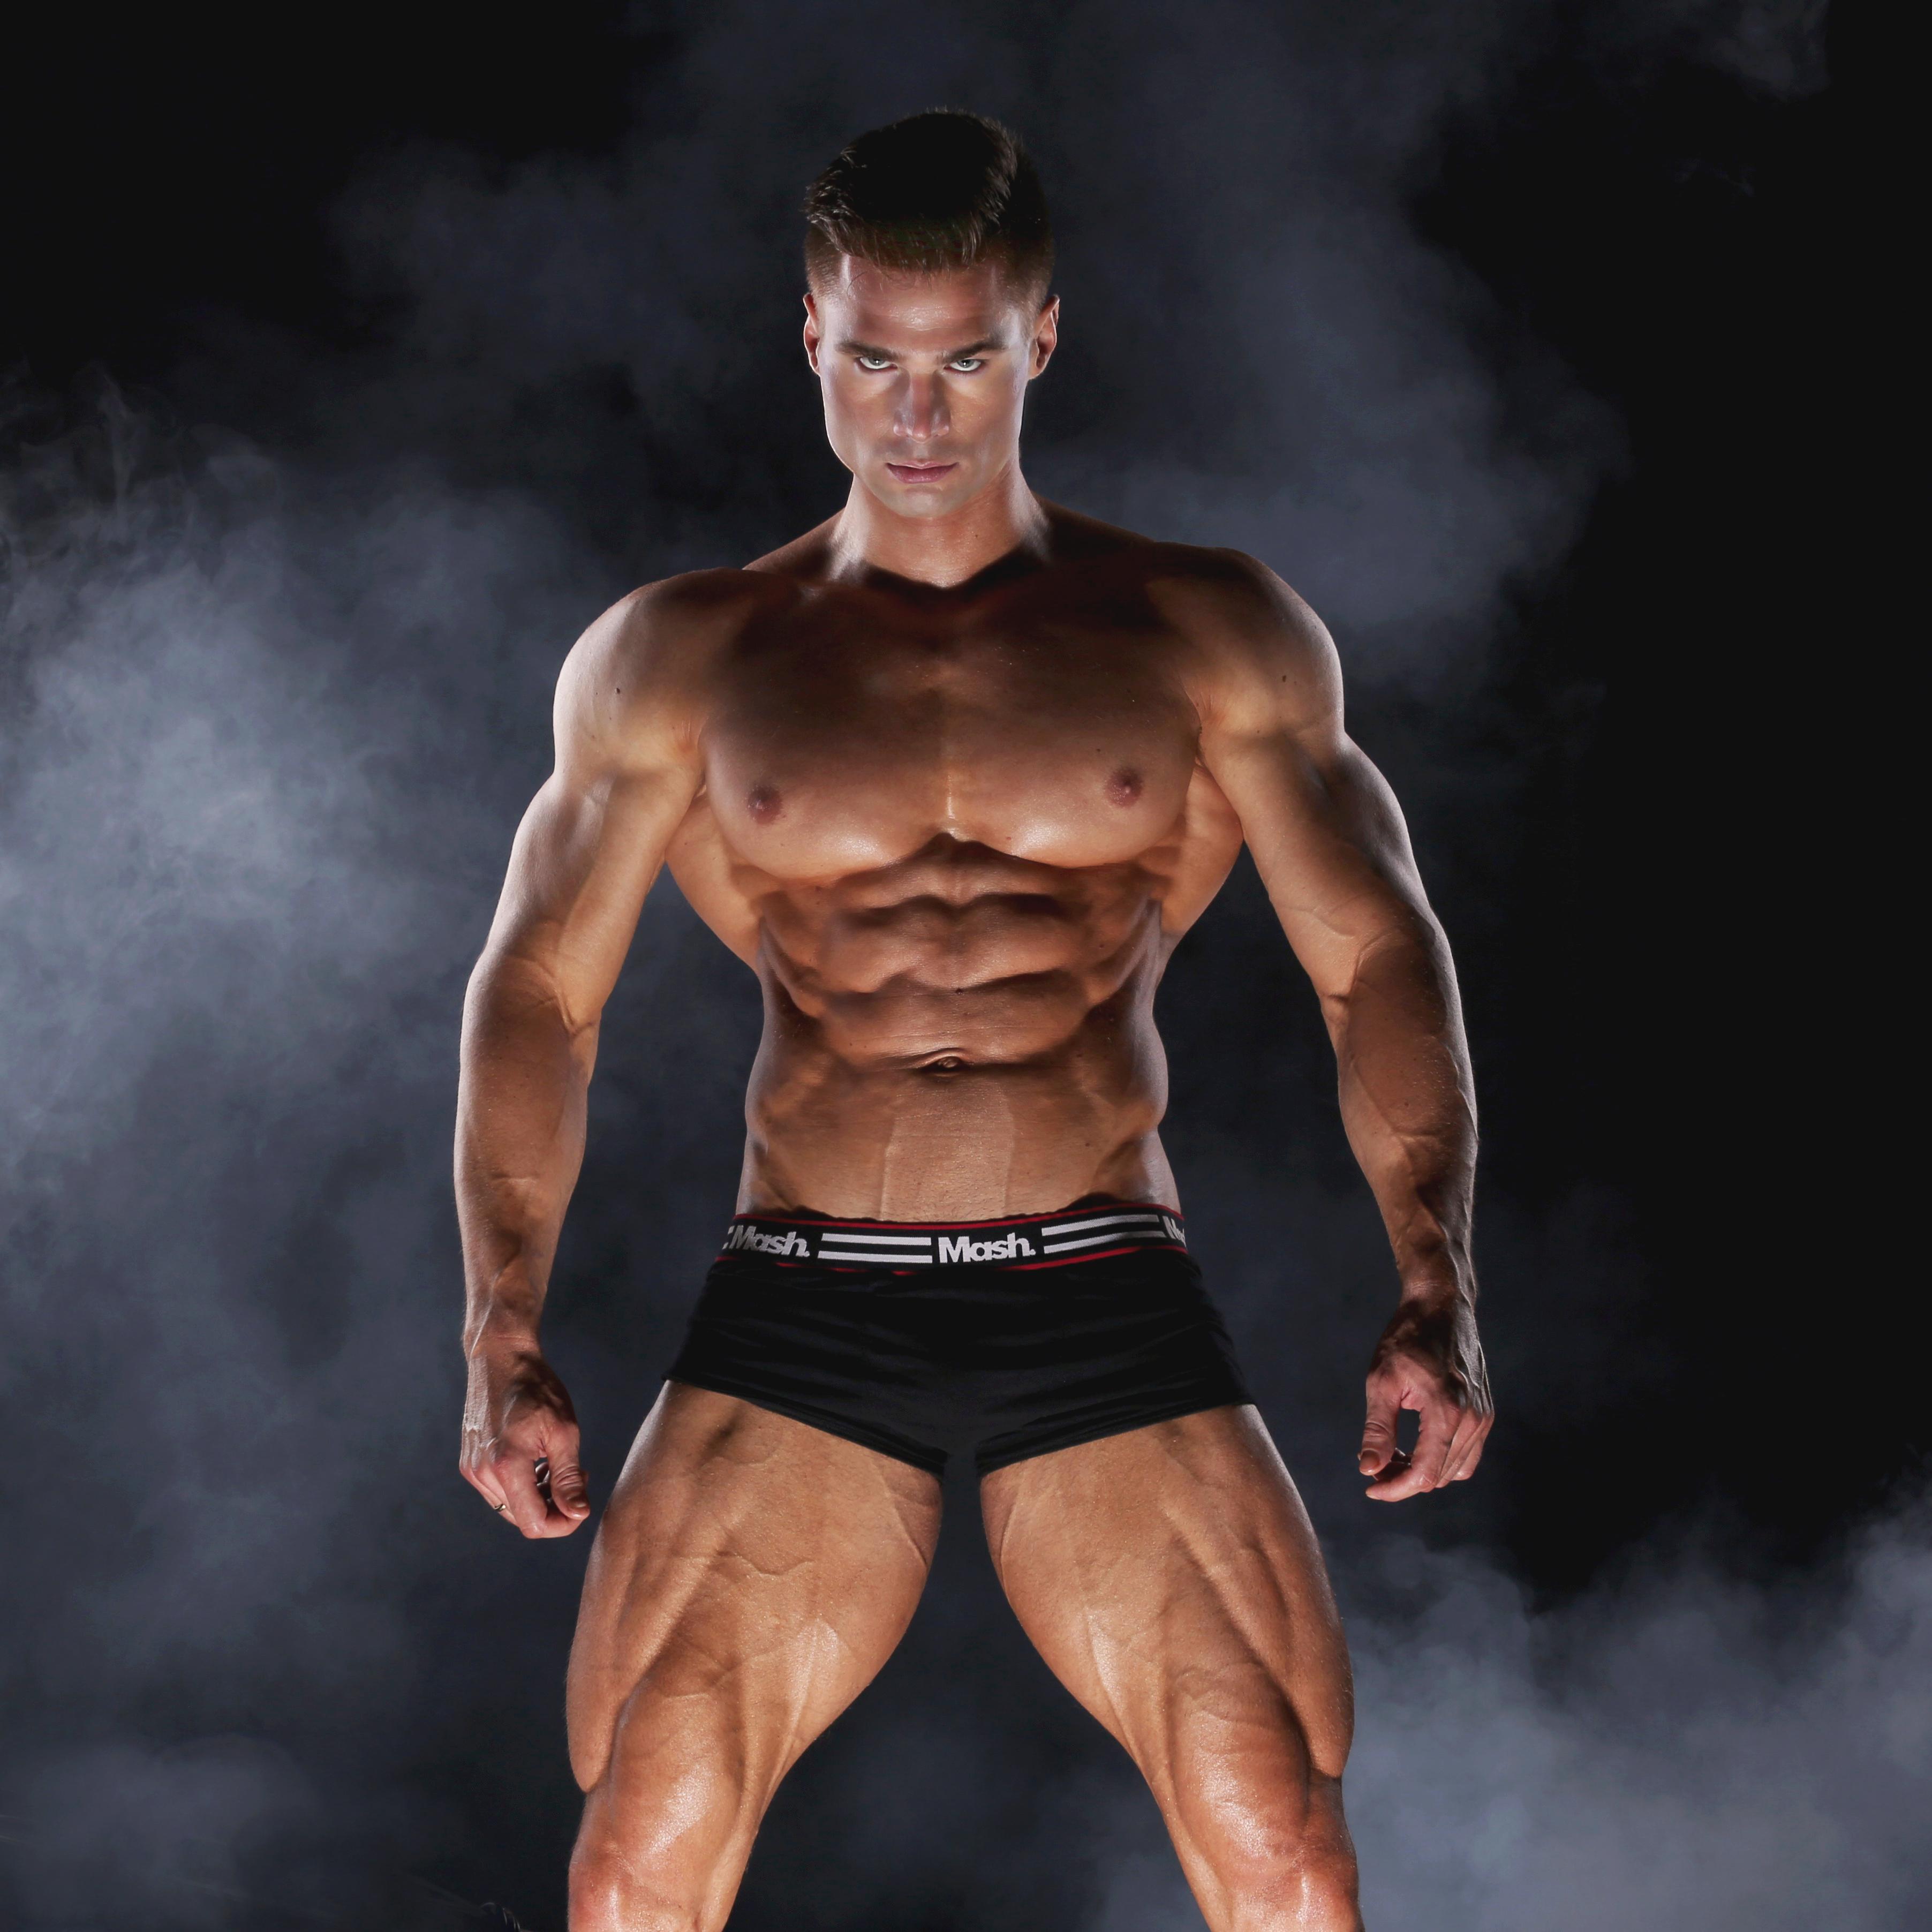 Денис гусев: бодибилдинг тренировки и правила питания